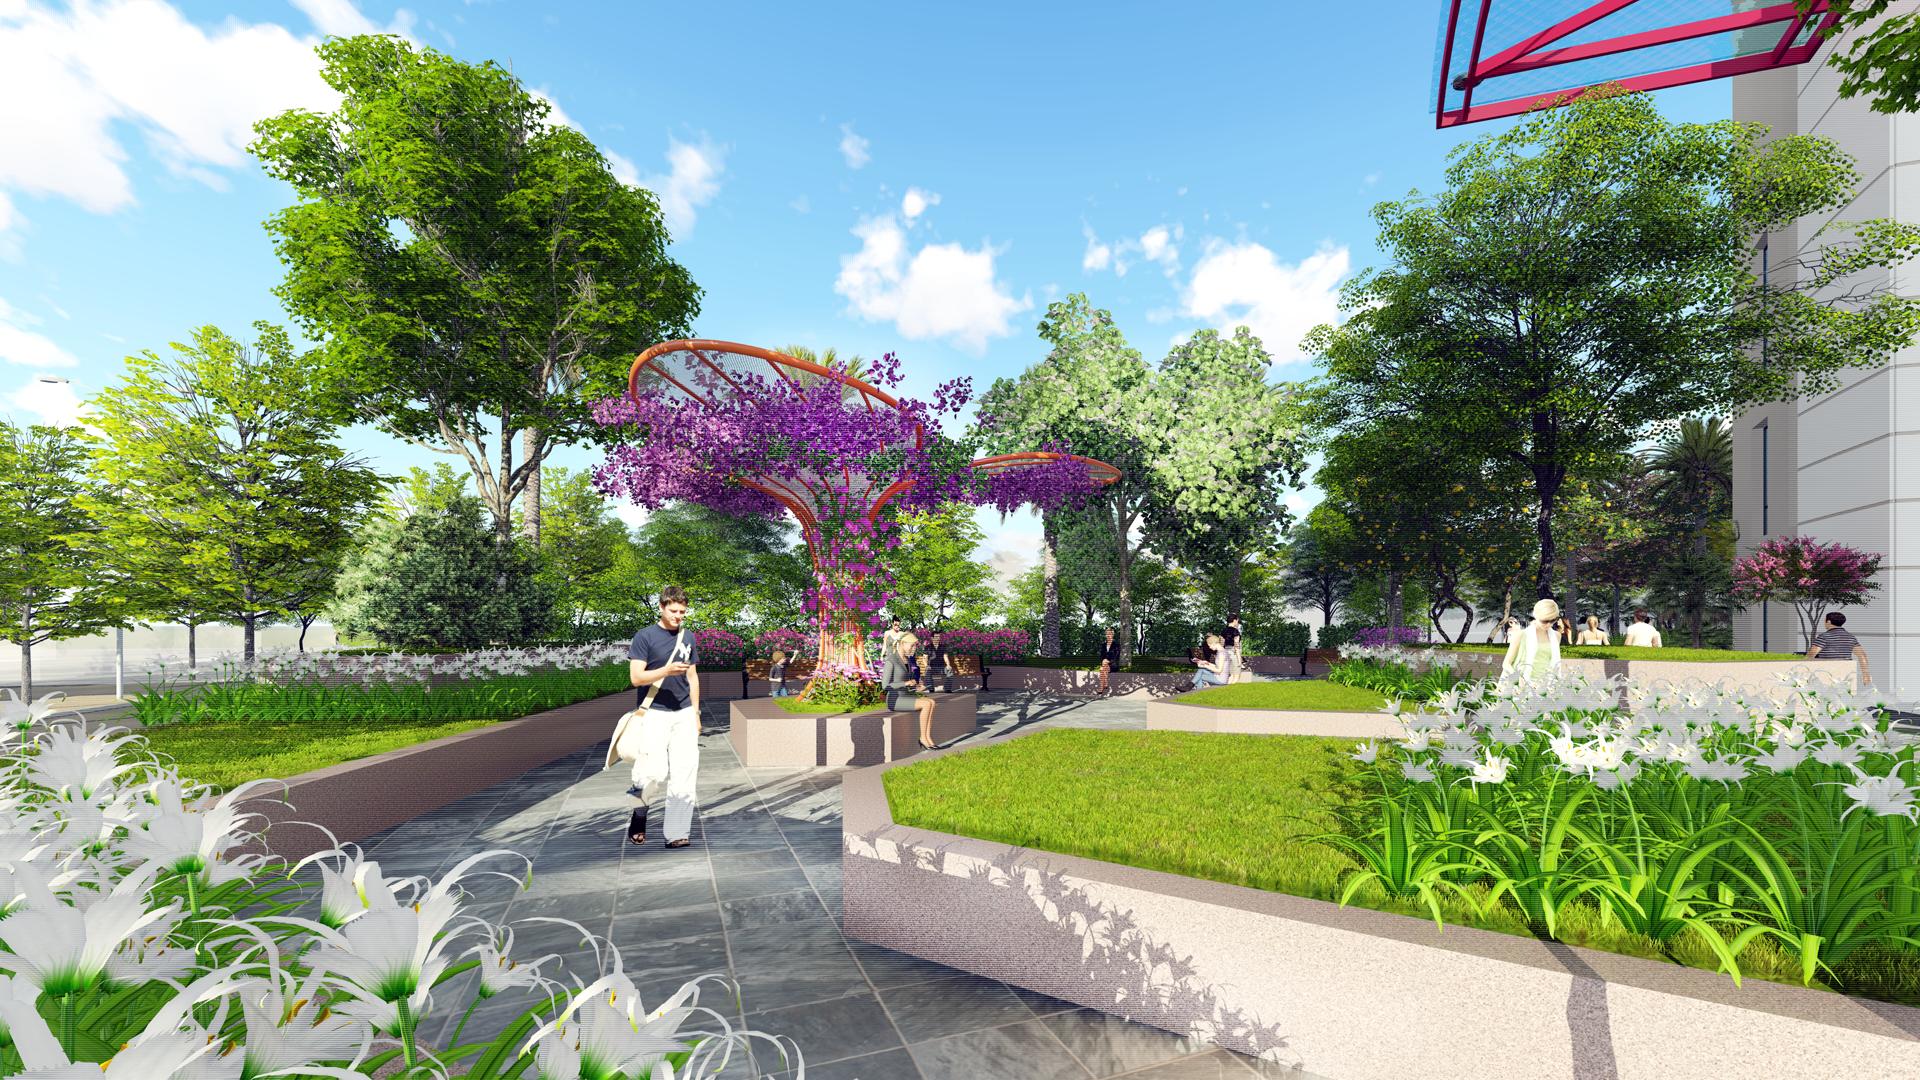 Bao bọc dự án 360 Giải Phóng là những mảng cỏ cây xanh ngắt, mặt nước mát lành